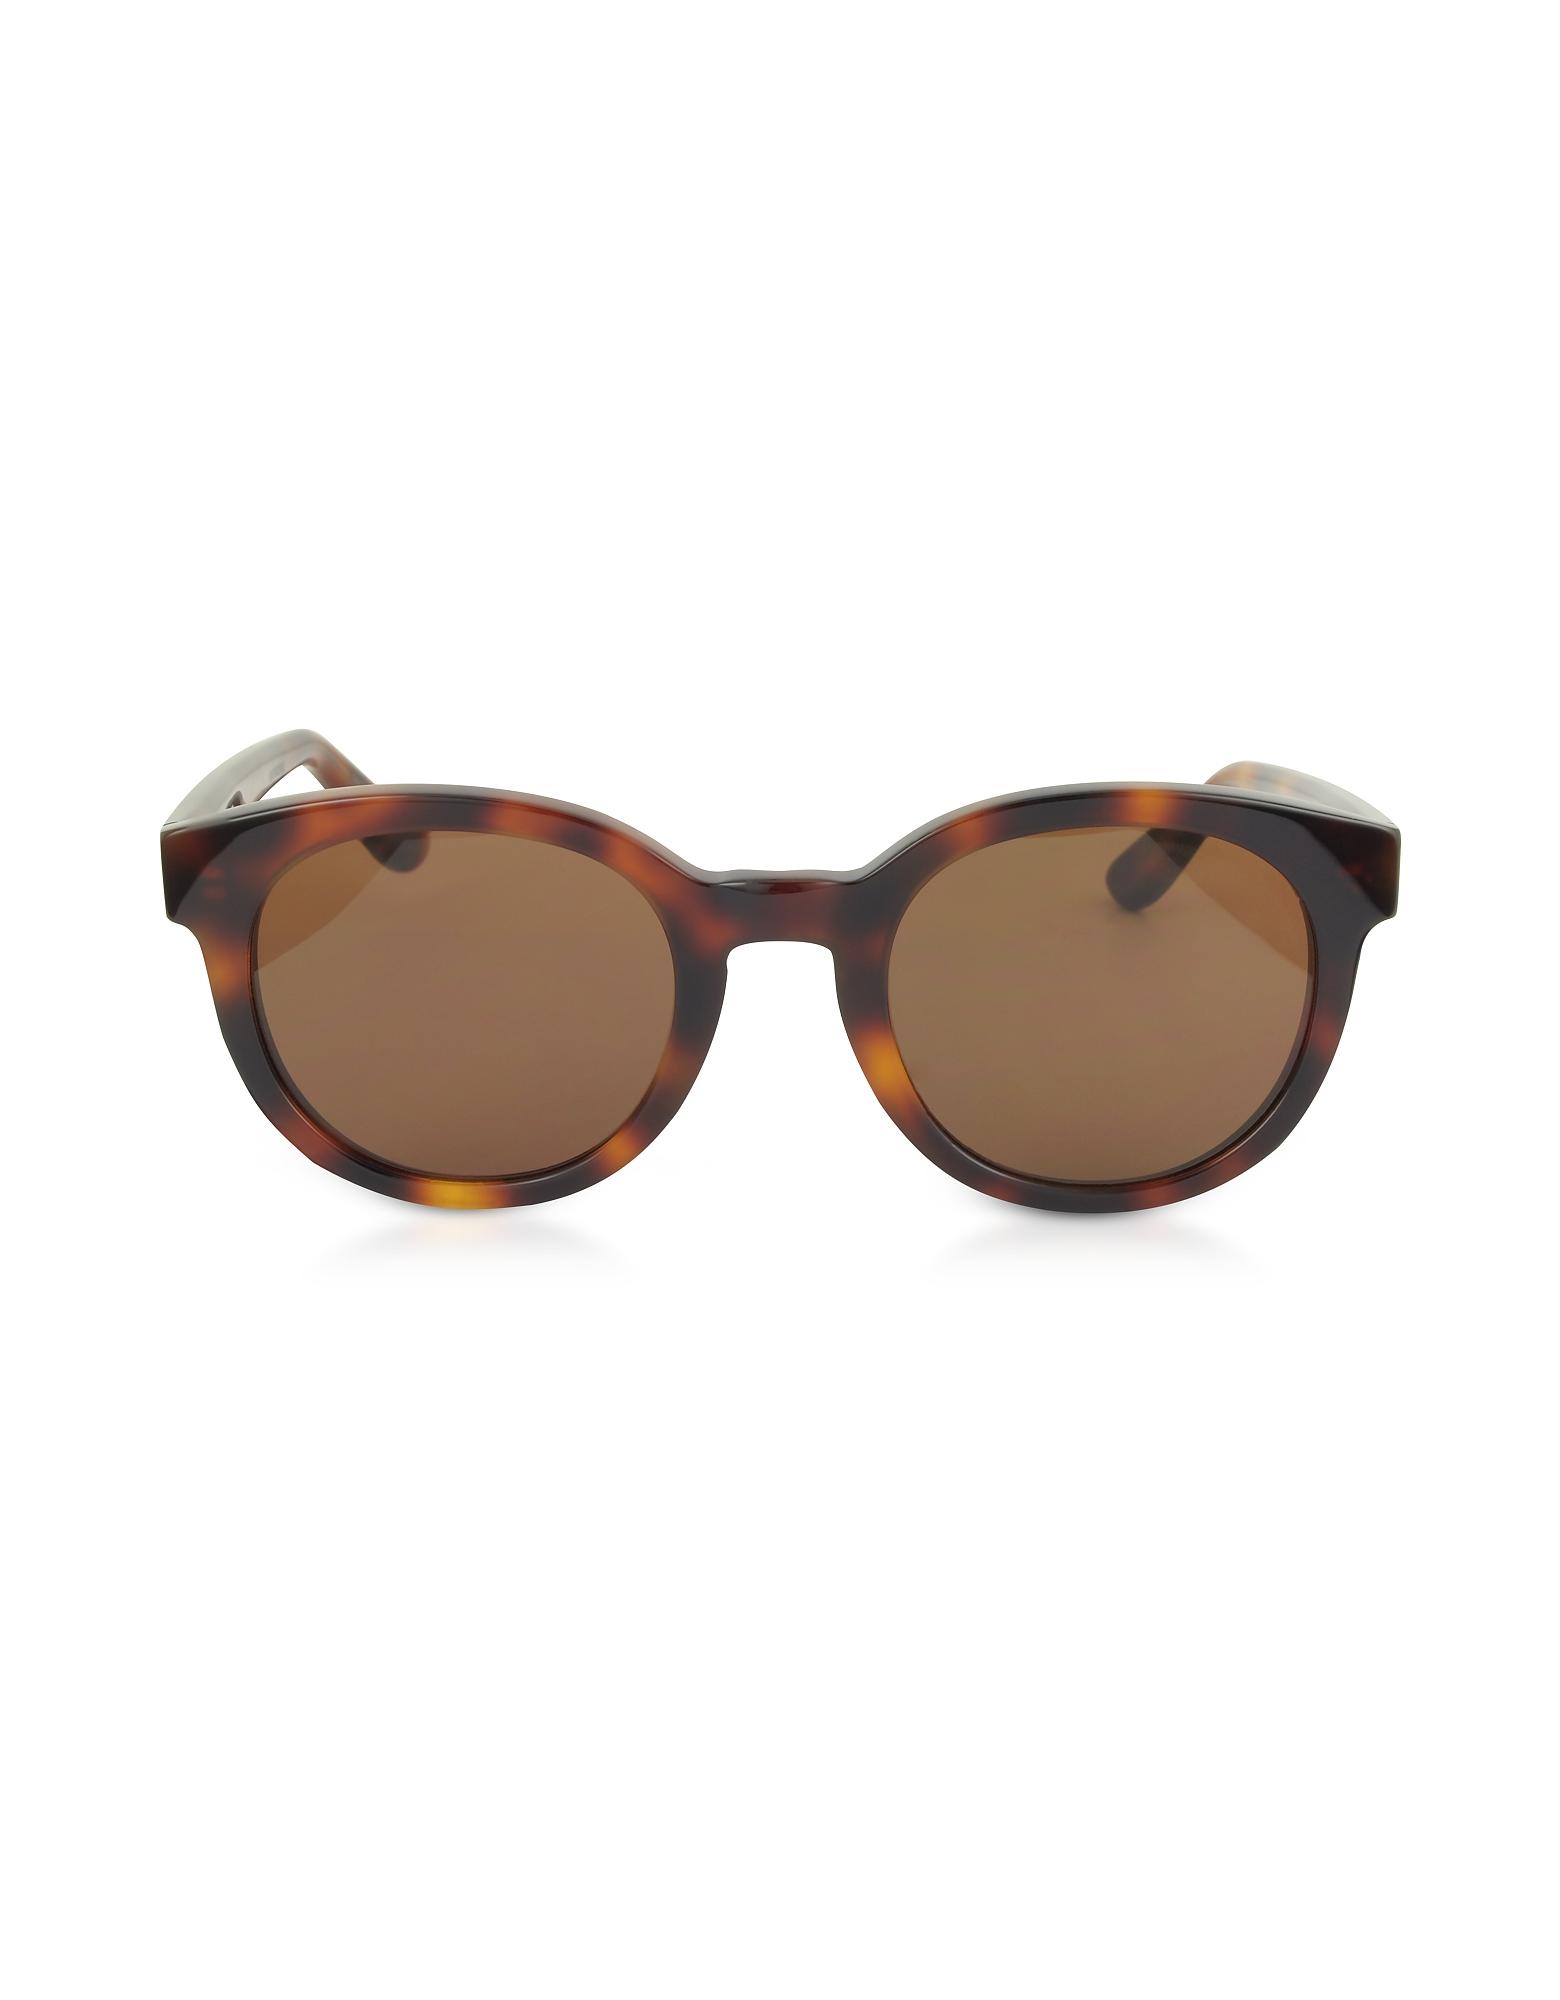 SL M15 Round Frame Acetate Sunglasses